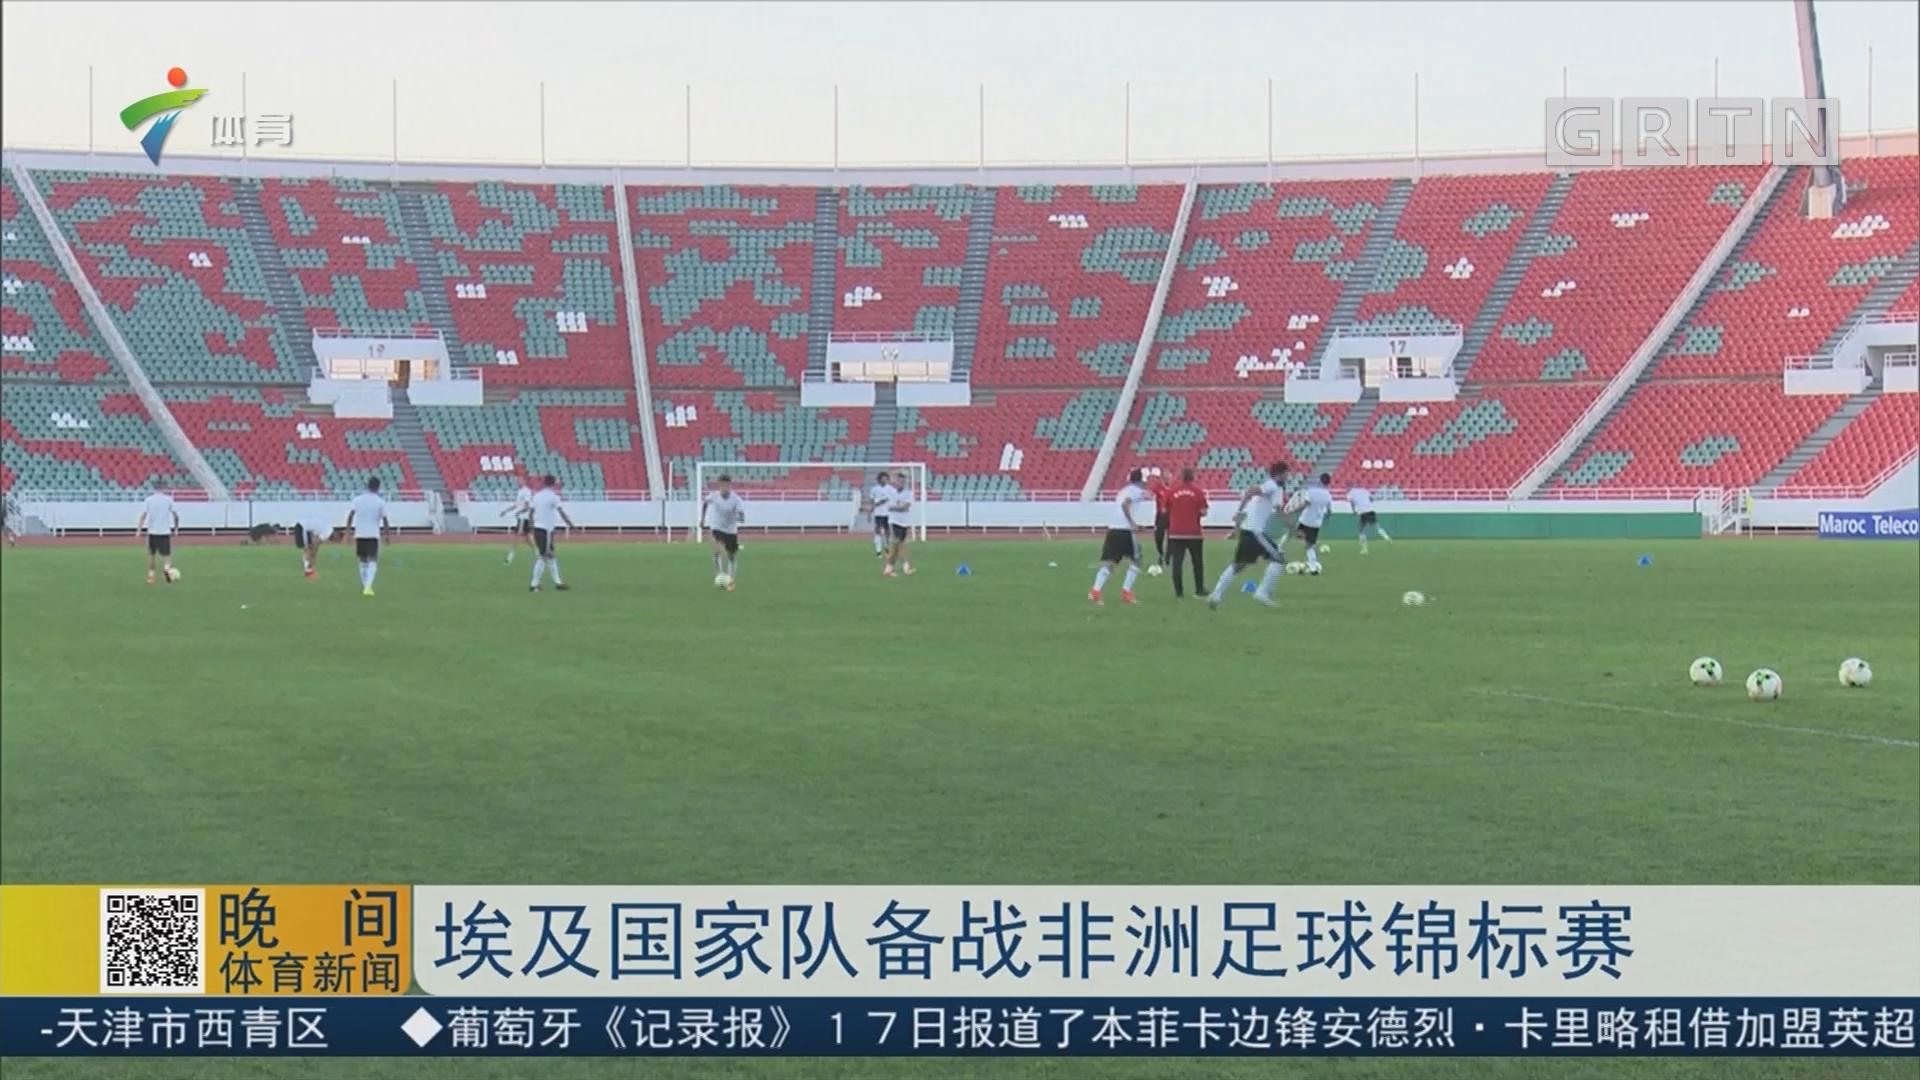 埃及国家队备战非洲足球锦标赛